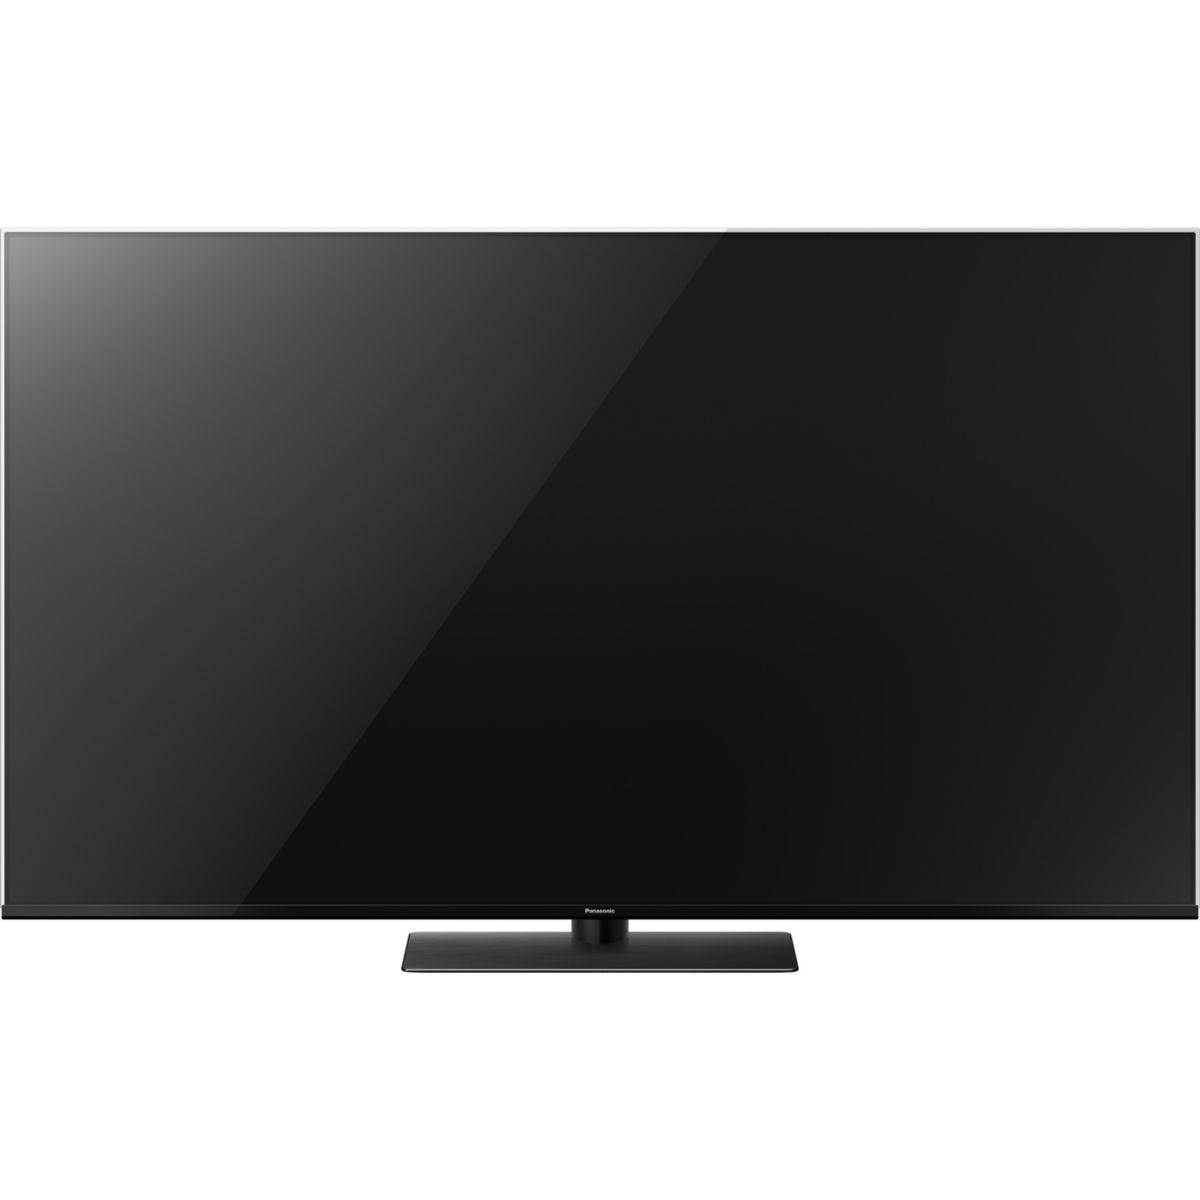 Tv led panasonic tx-65fx740e (photo)